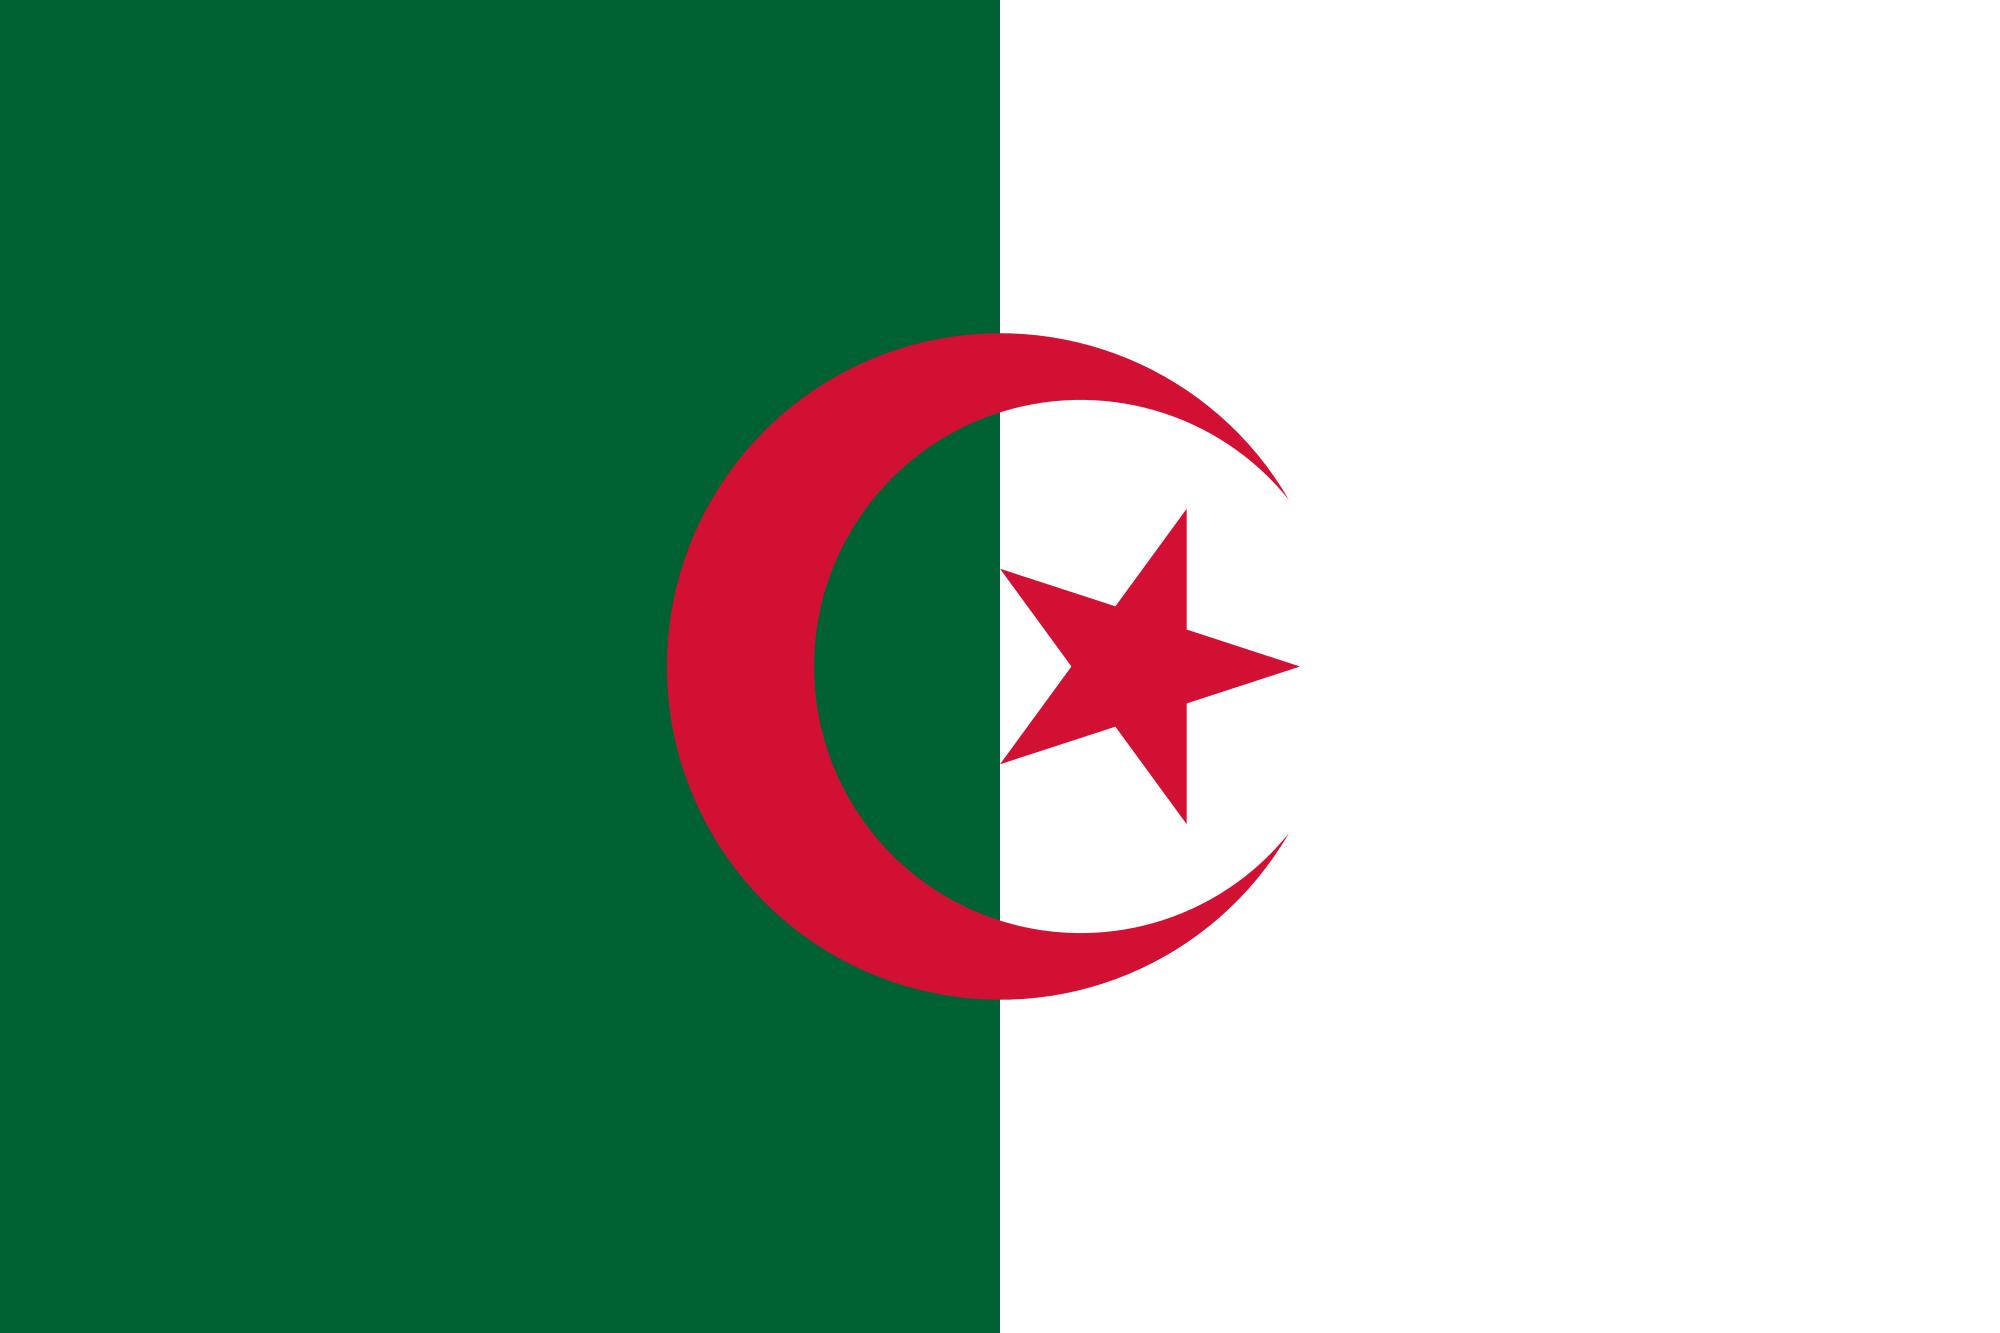 Algeria oo sare u qaaday gefka Soomaaliya ka dhanka ah iyo DF oo ka aamusan